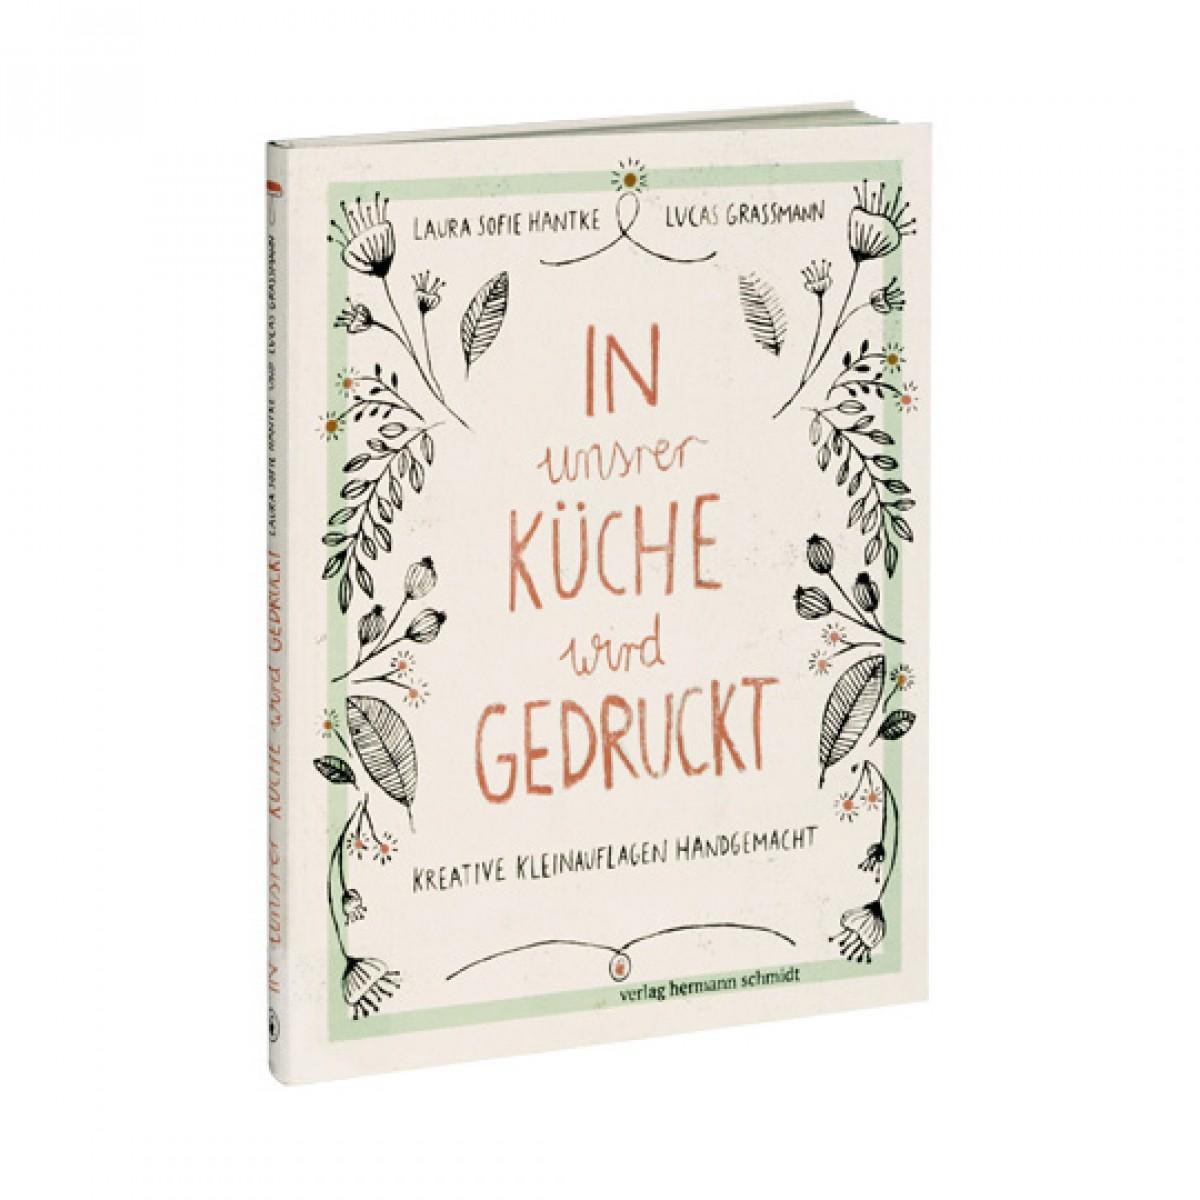 Laura Sofie Hantke & Lucas Grassmann - In unsrer Küche wird gedruckt - Kreative Kleinauflagen handgemacht